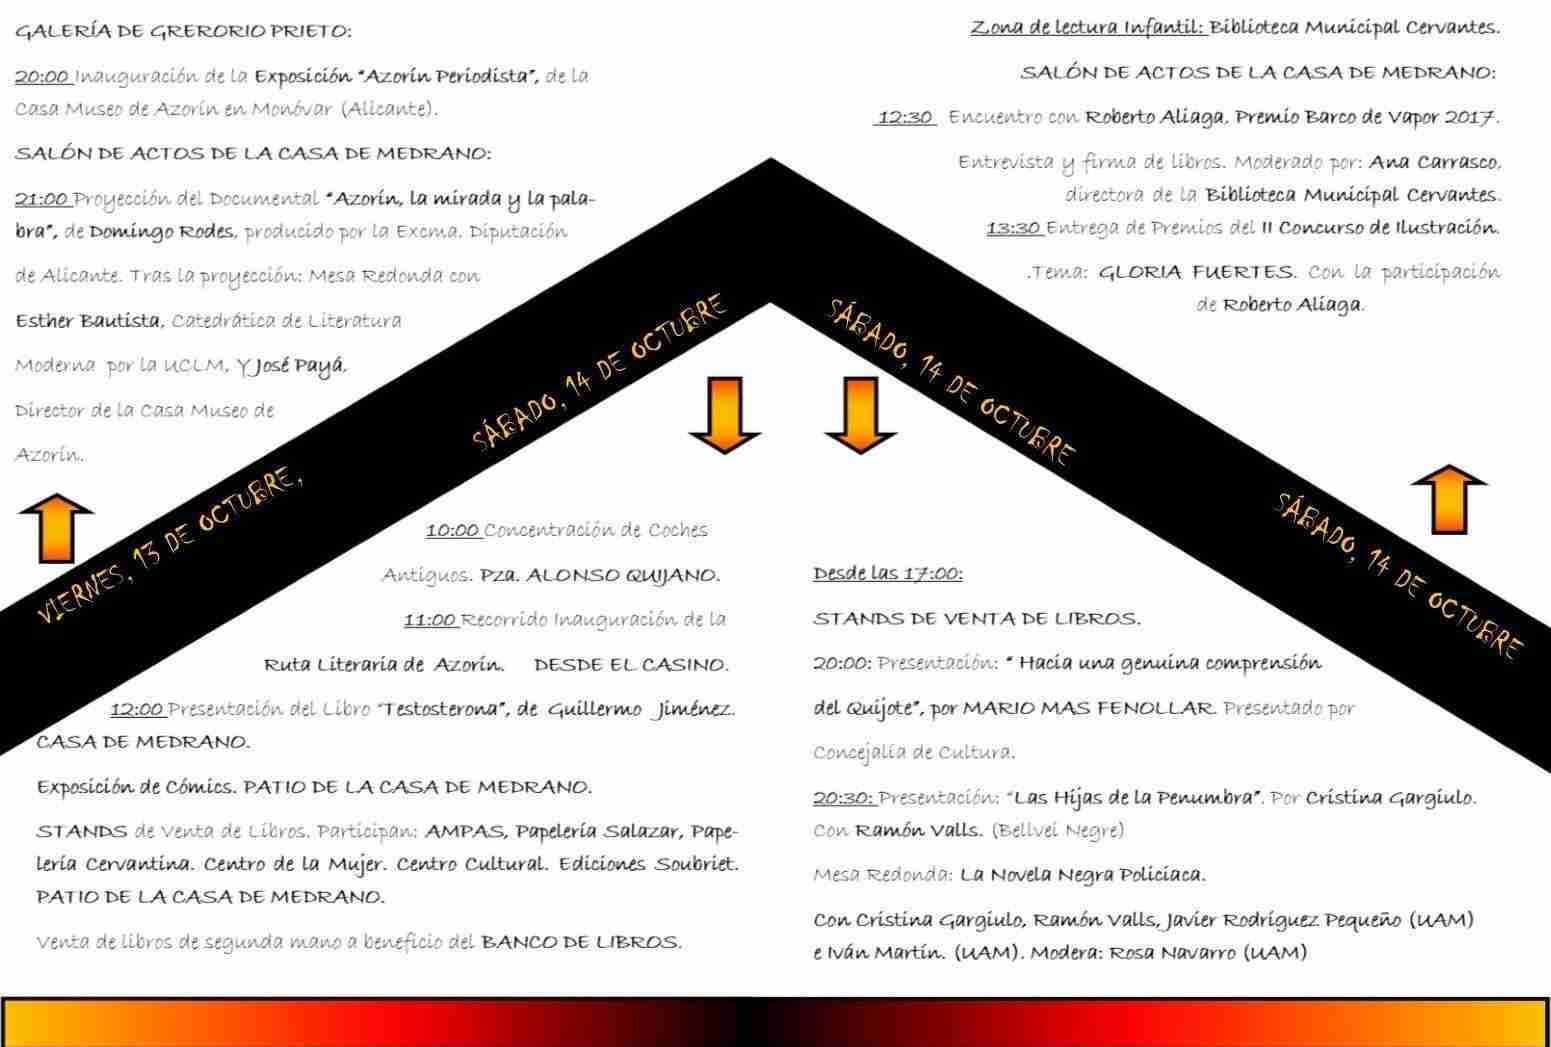 """Jornadas """"Cincuenta aniversario de la muerte de Azorín"""" este fin de semana en Argamasilla de Alba 2"""